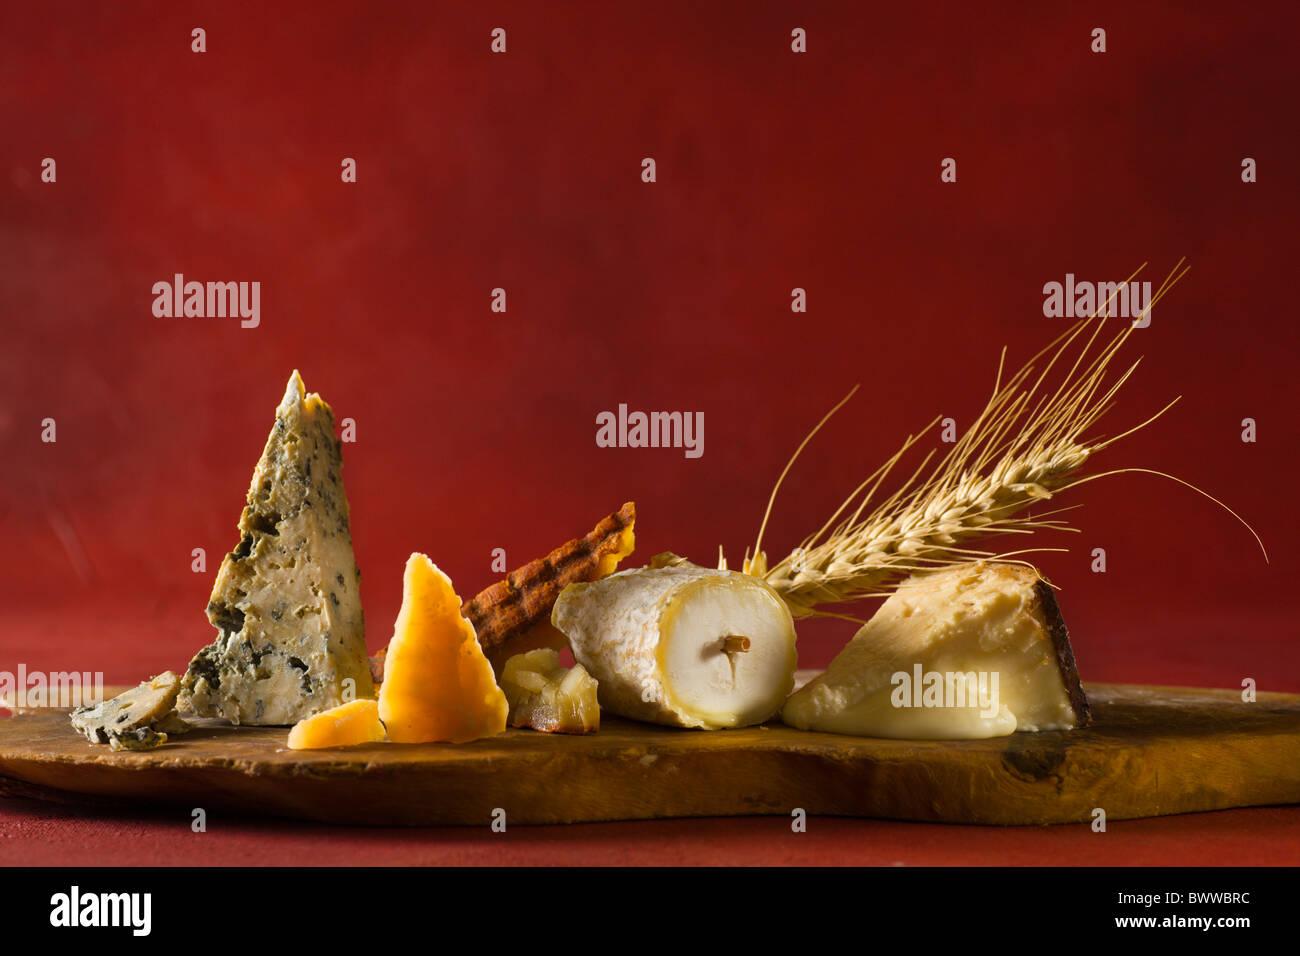 Eine hölzerne Cuttingboard mit, von links nach rechts: Cabrales (Kuh - Spanien), Roomano (Kuh - Holland), Majorero Stockbild